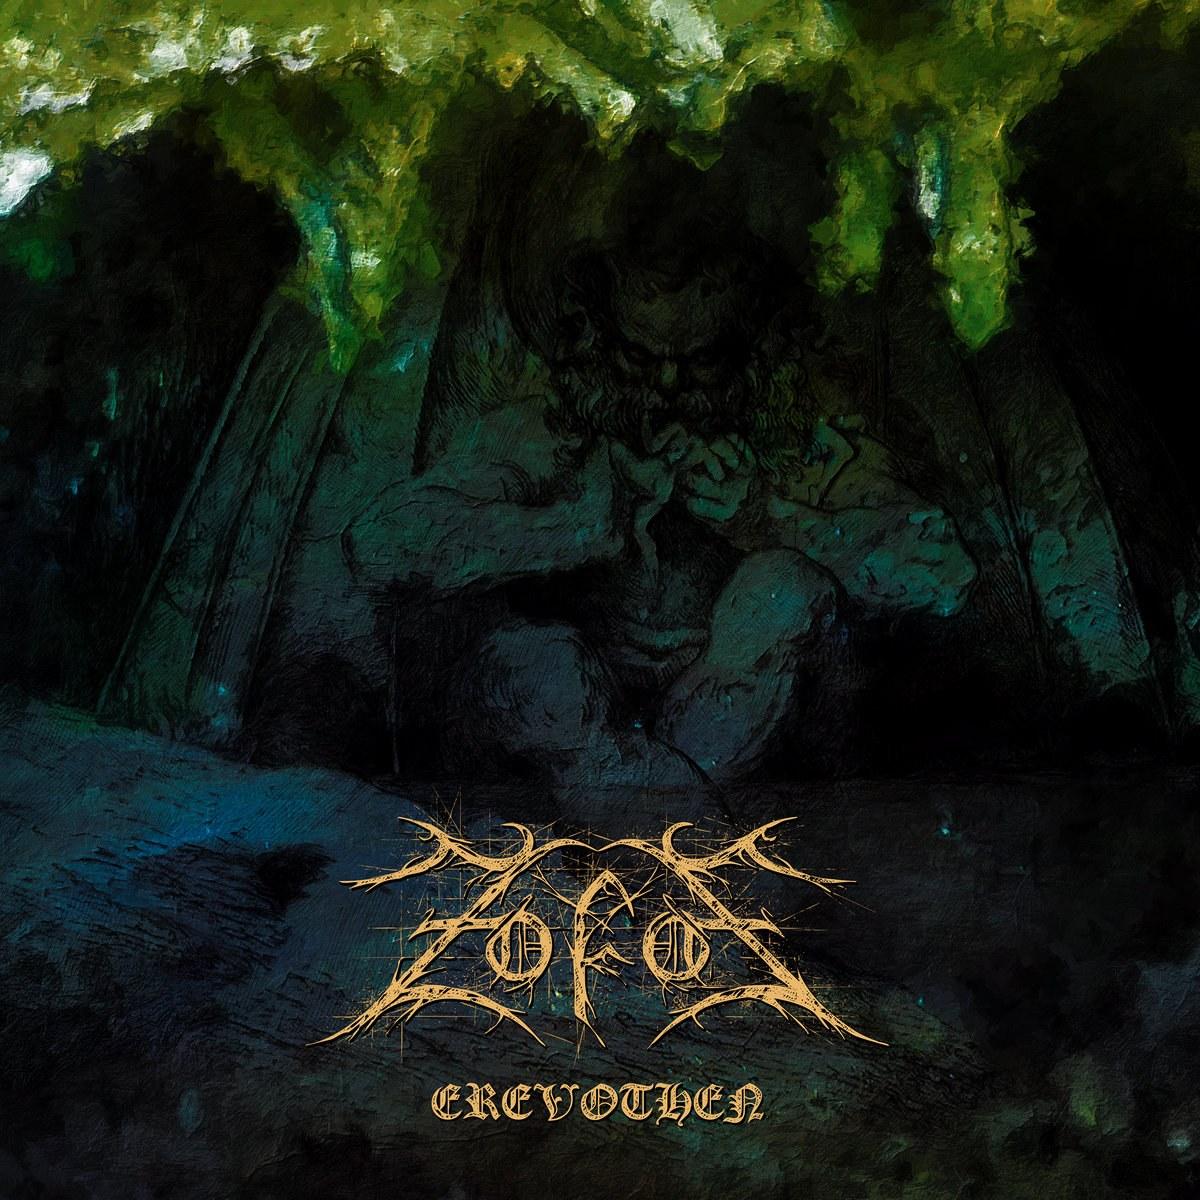 Reviews for Zofos - Erevothen